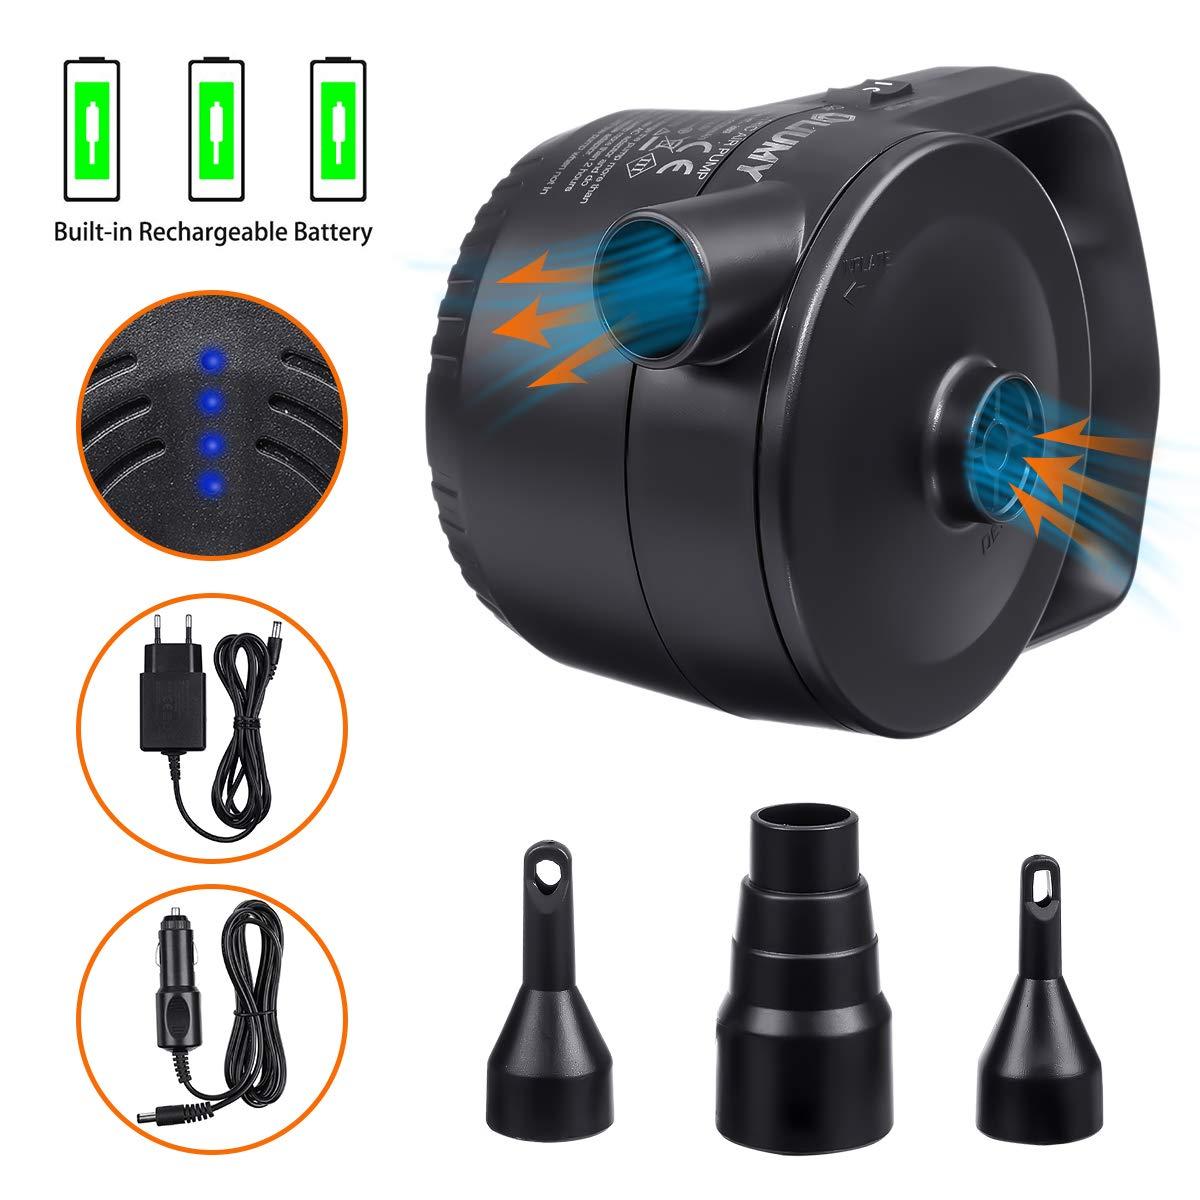 330L//MIN 3 Ventil-Aufs/ätzen f/ür Luftmatratzen Elektropumpe kann Strom speichern Zwei Lademethoden mit 220V Ladeger/ät /& 12V USB Auto-Ladekabel LIUMY 2 in 1 Akku-Elektrische Luftpumpe Schlauchboote